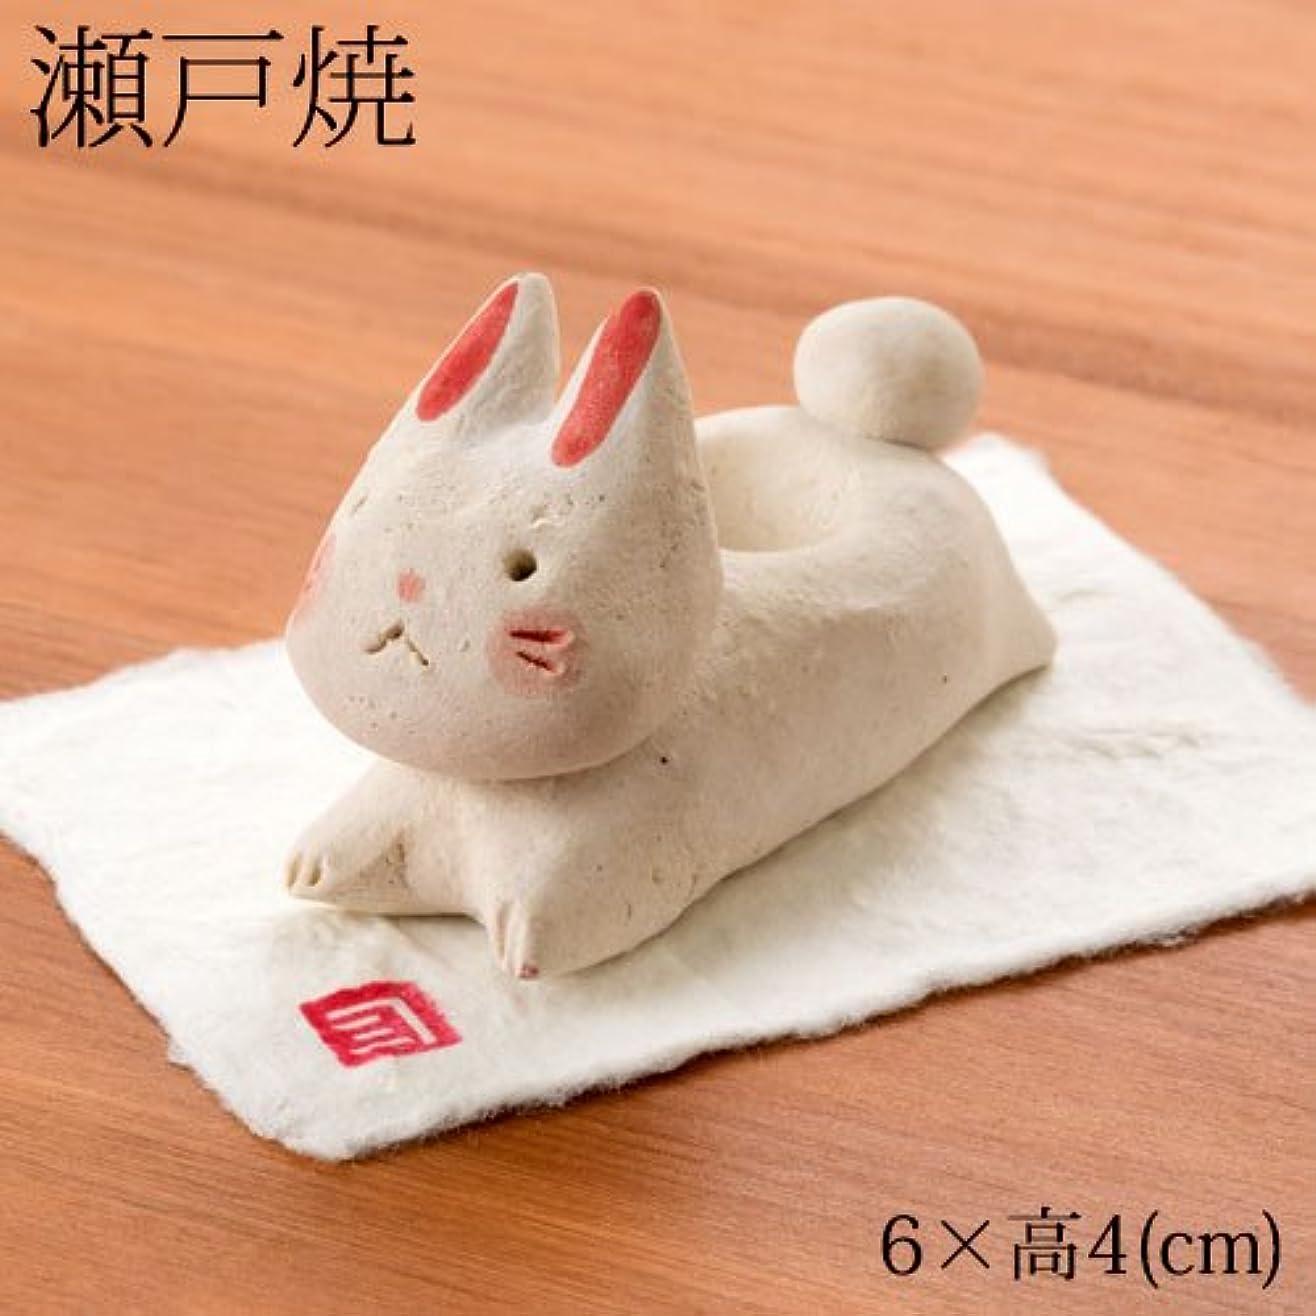 厚くする弱まるトレイ瀬戸焼兎アロマストーン (K6302)愛知県の工芸品Seto-yaki Aroma stone, Aichi craft